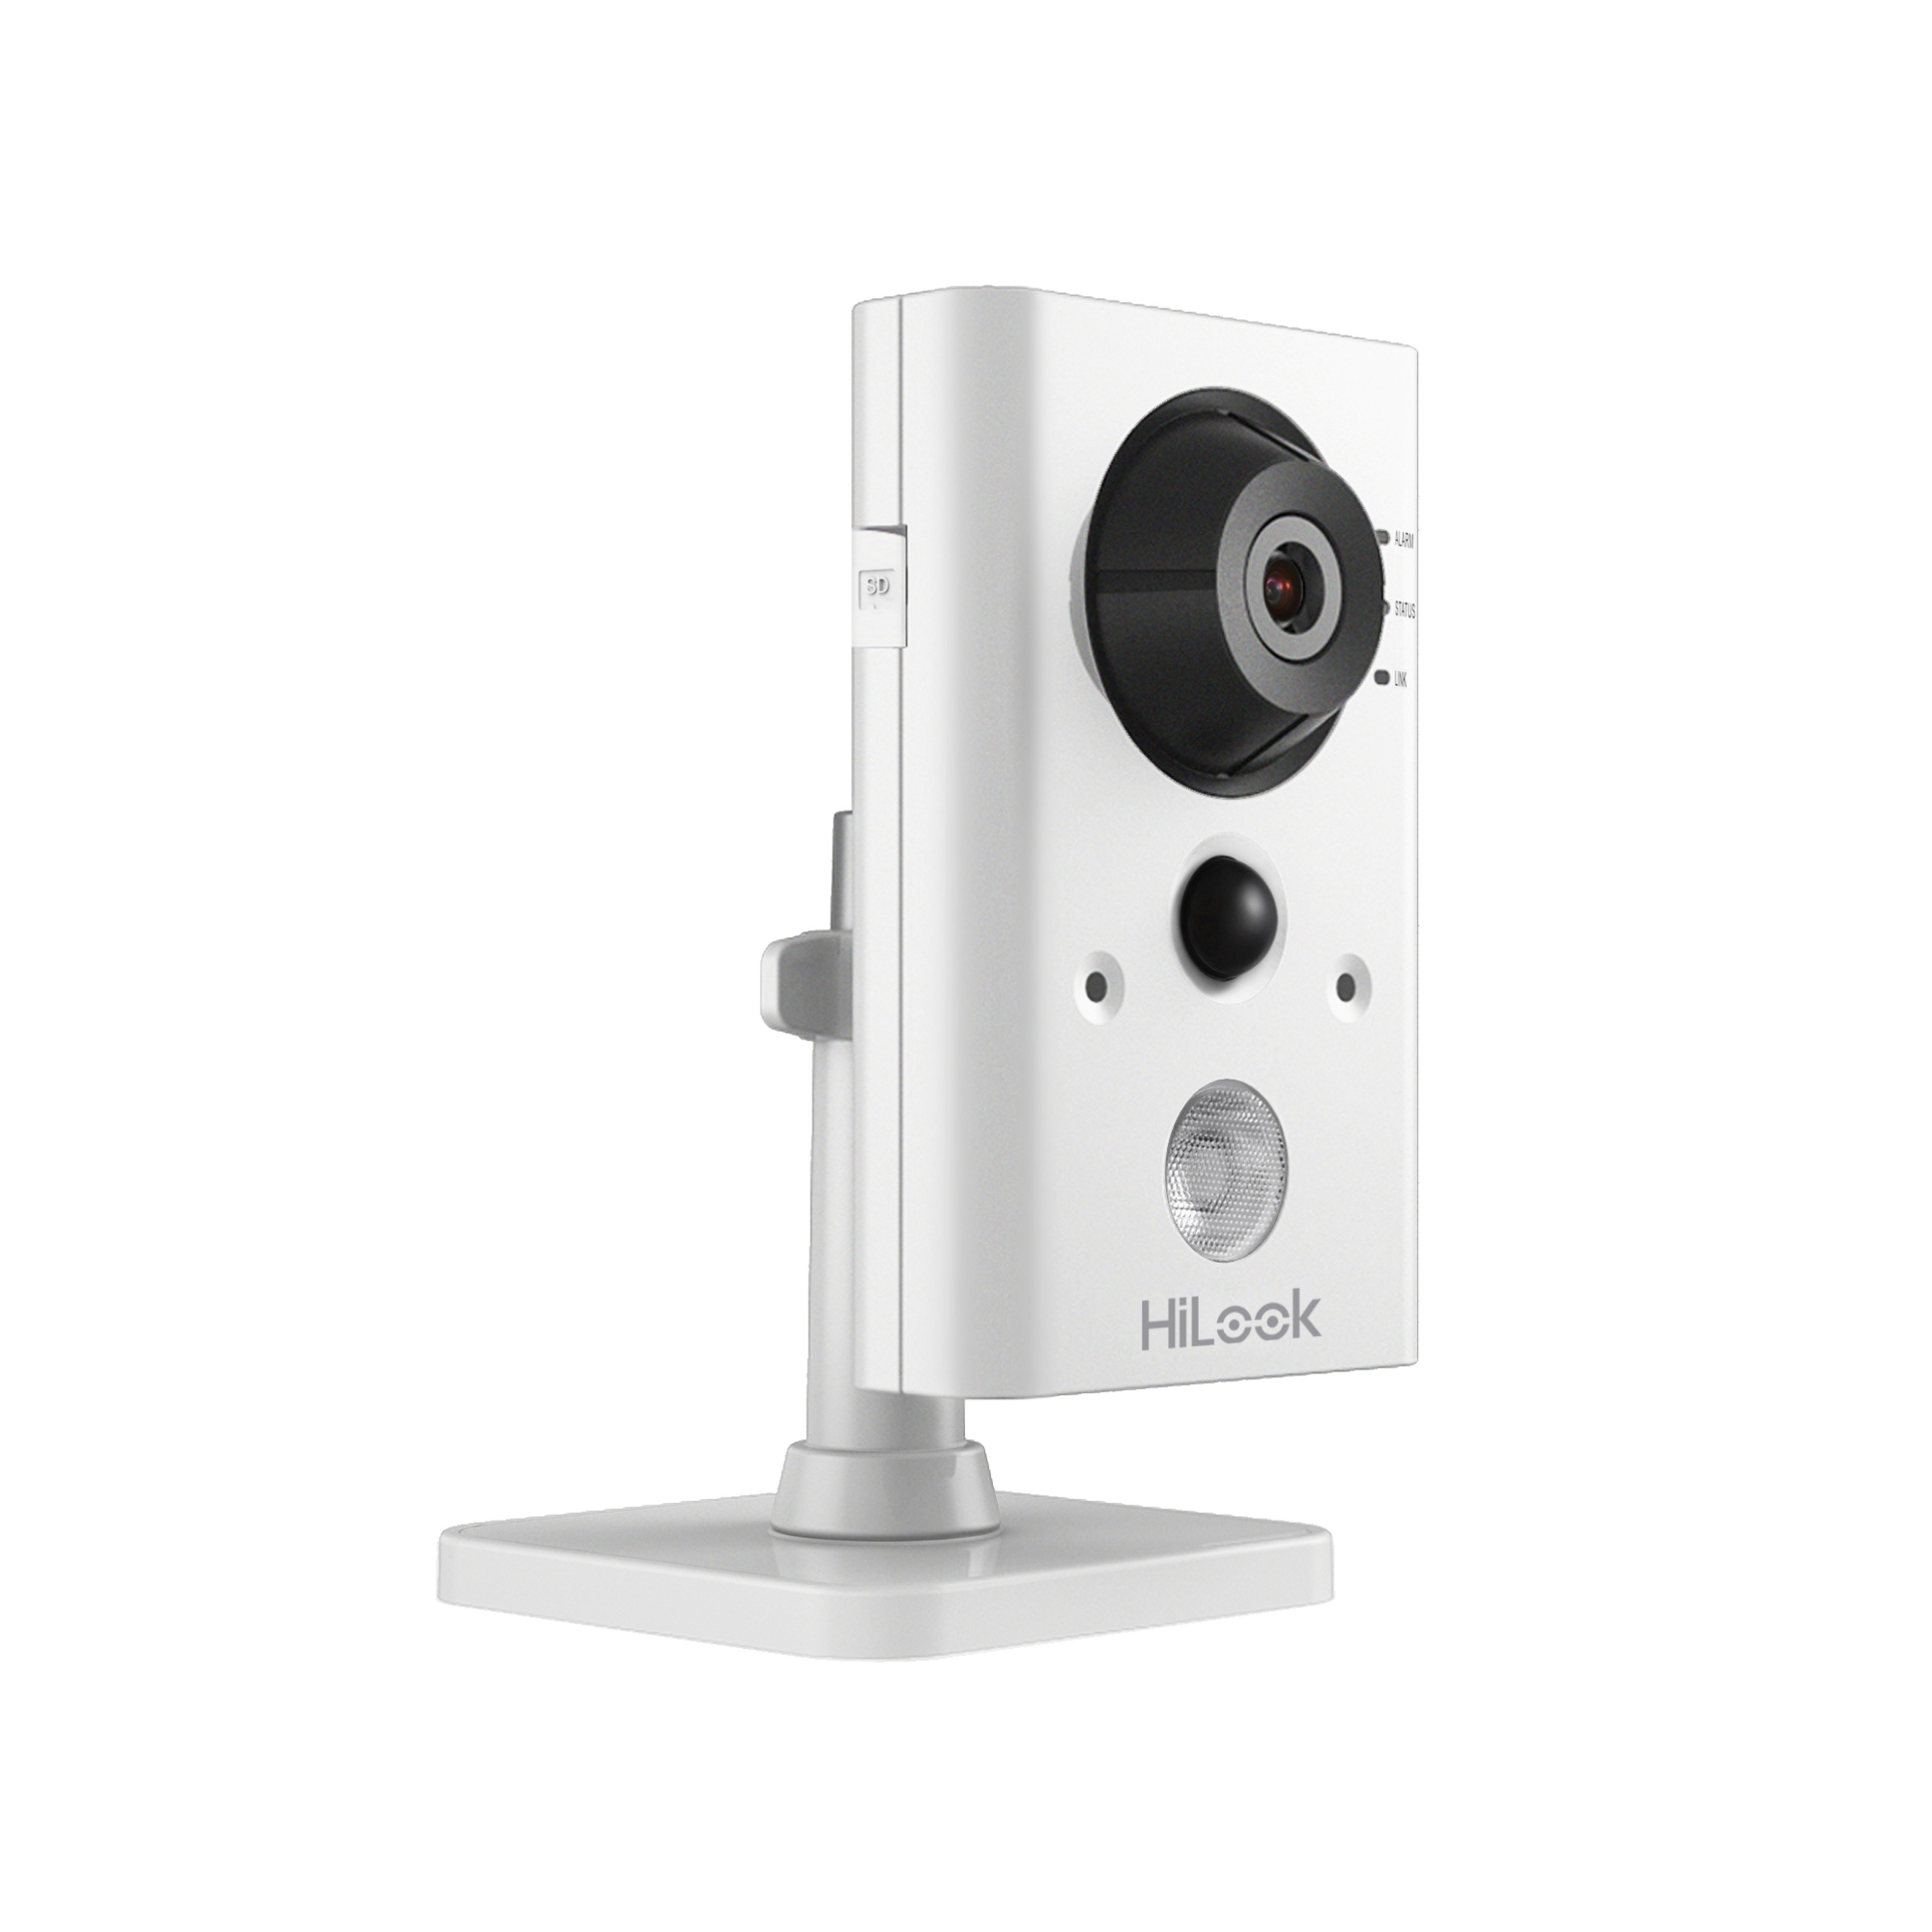 Ipc-c220-d/w Cámara De Vigilancia Cámara De Seguridad Ip Interior Cubo Negro, Blanco 1920 X 1080 Pixeles